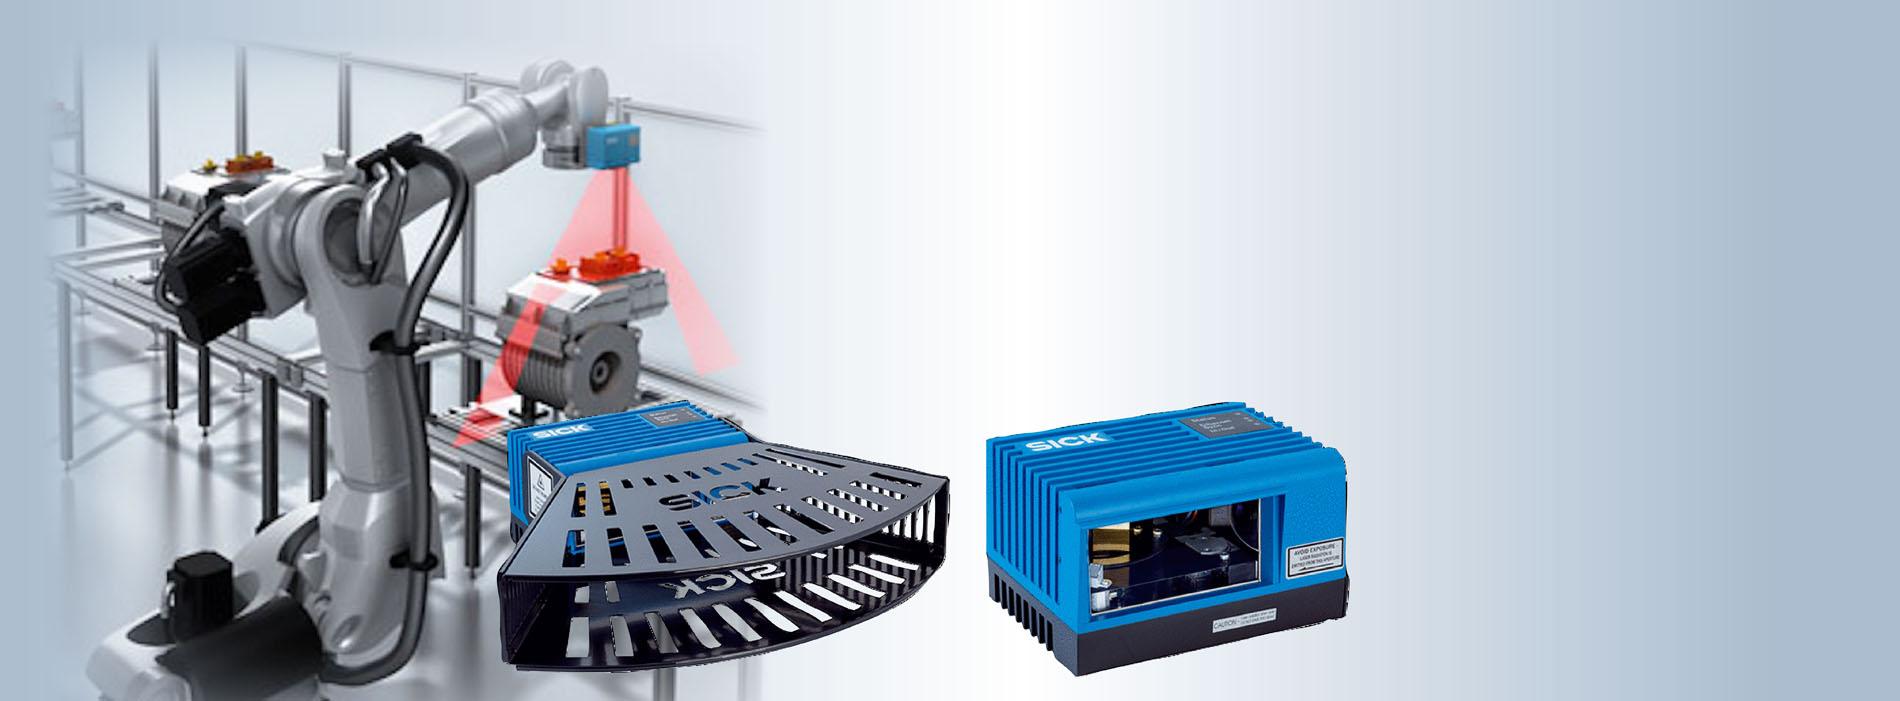 2D-LiDAR LMS4000 sensor